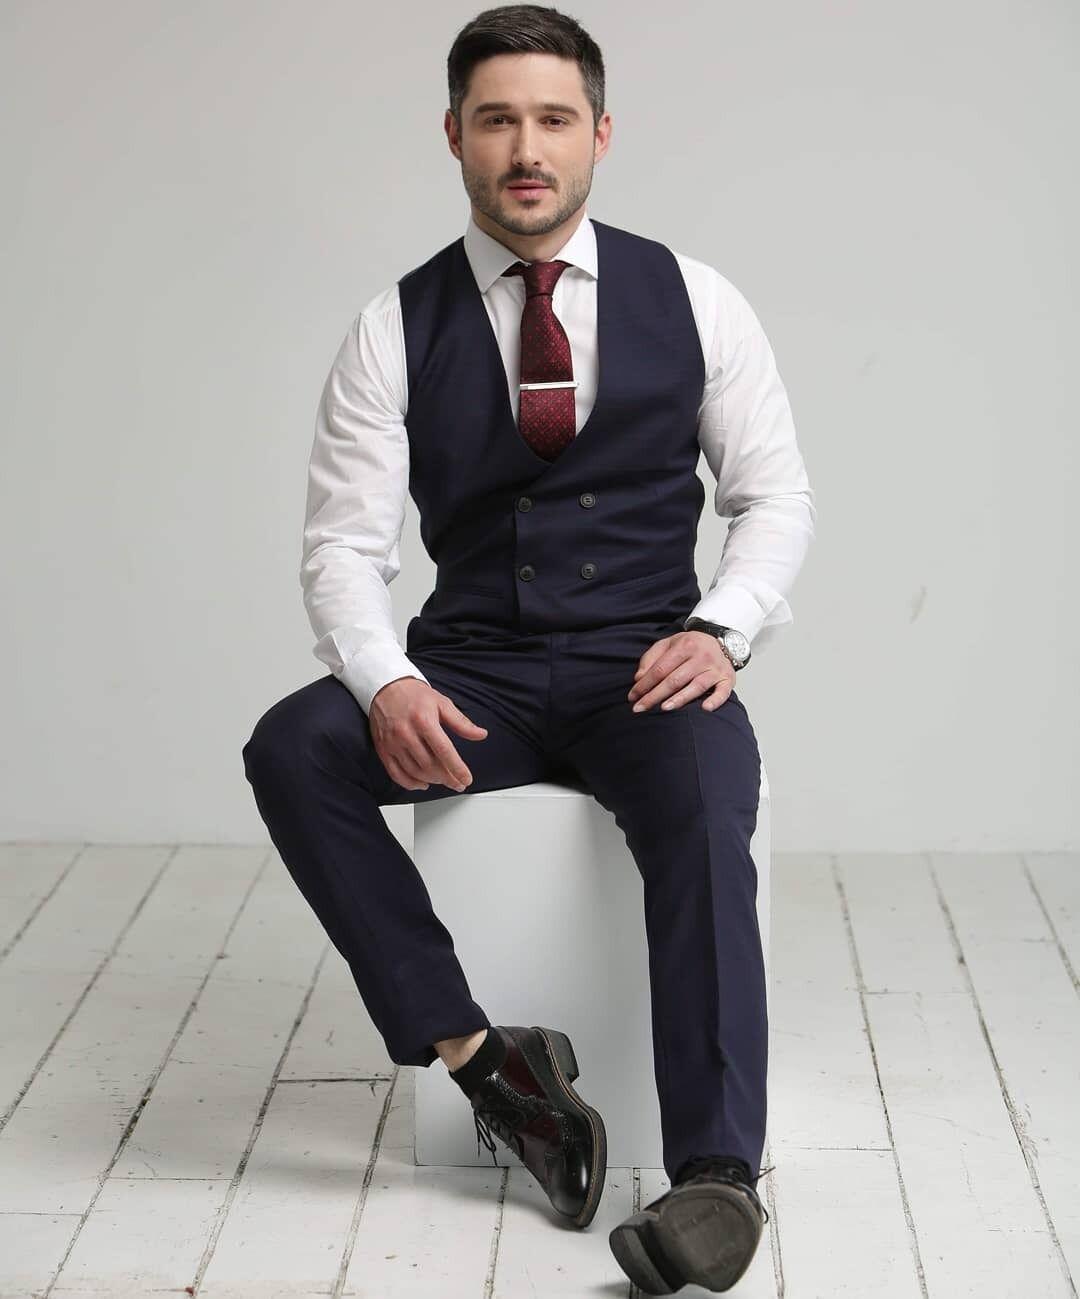 Андрій Федінчик – український актор